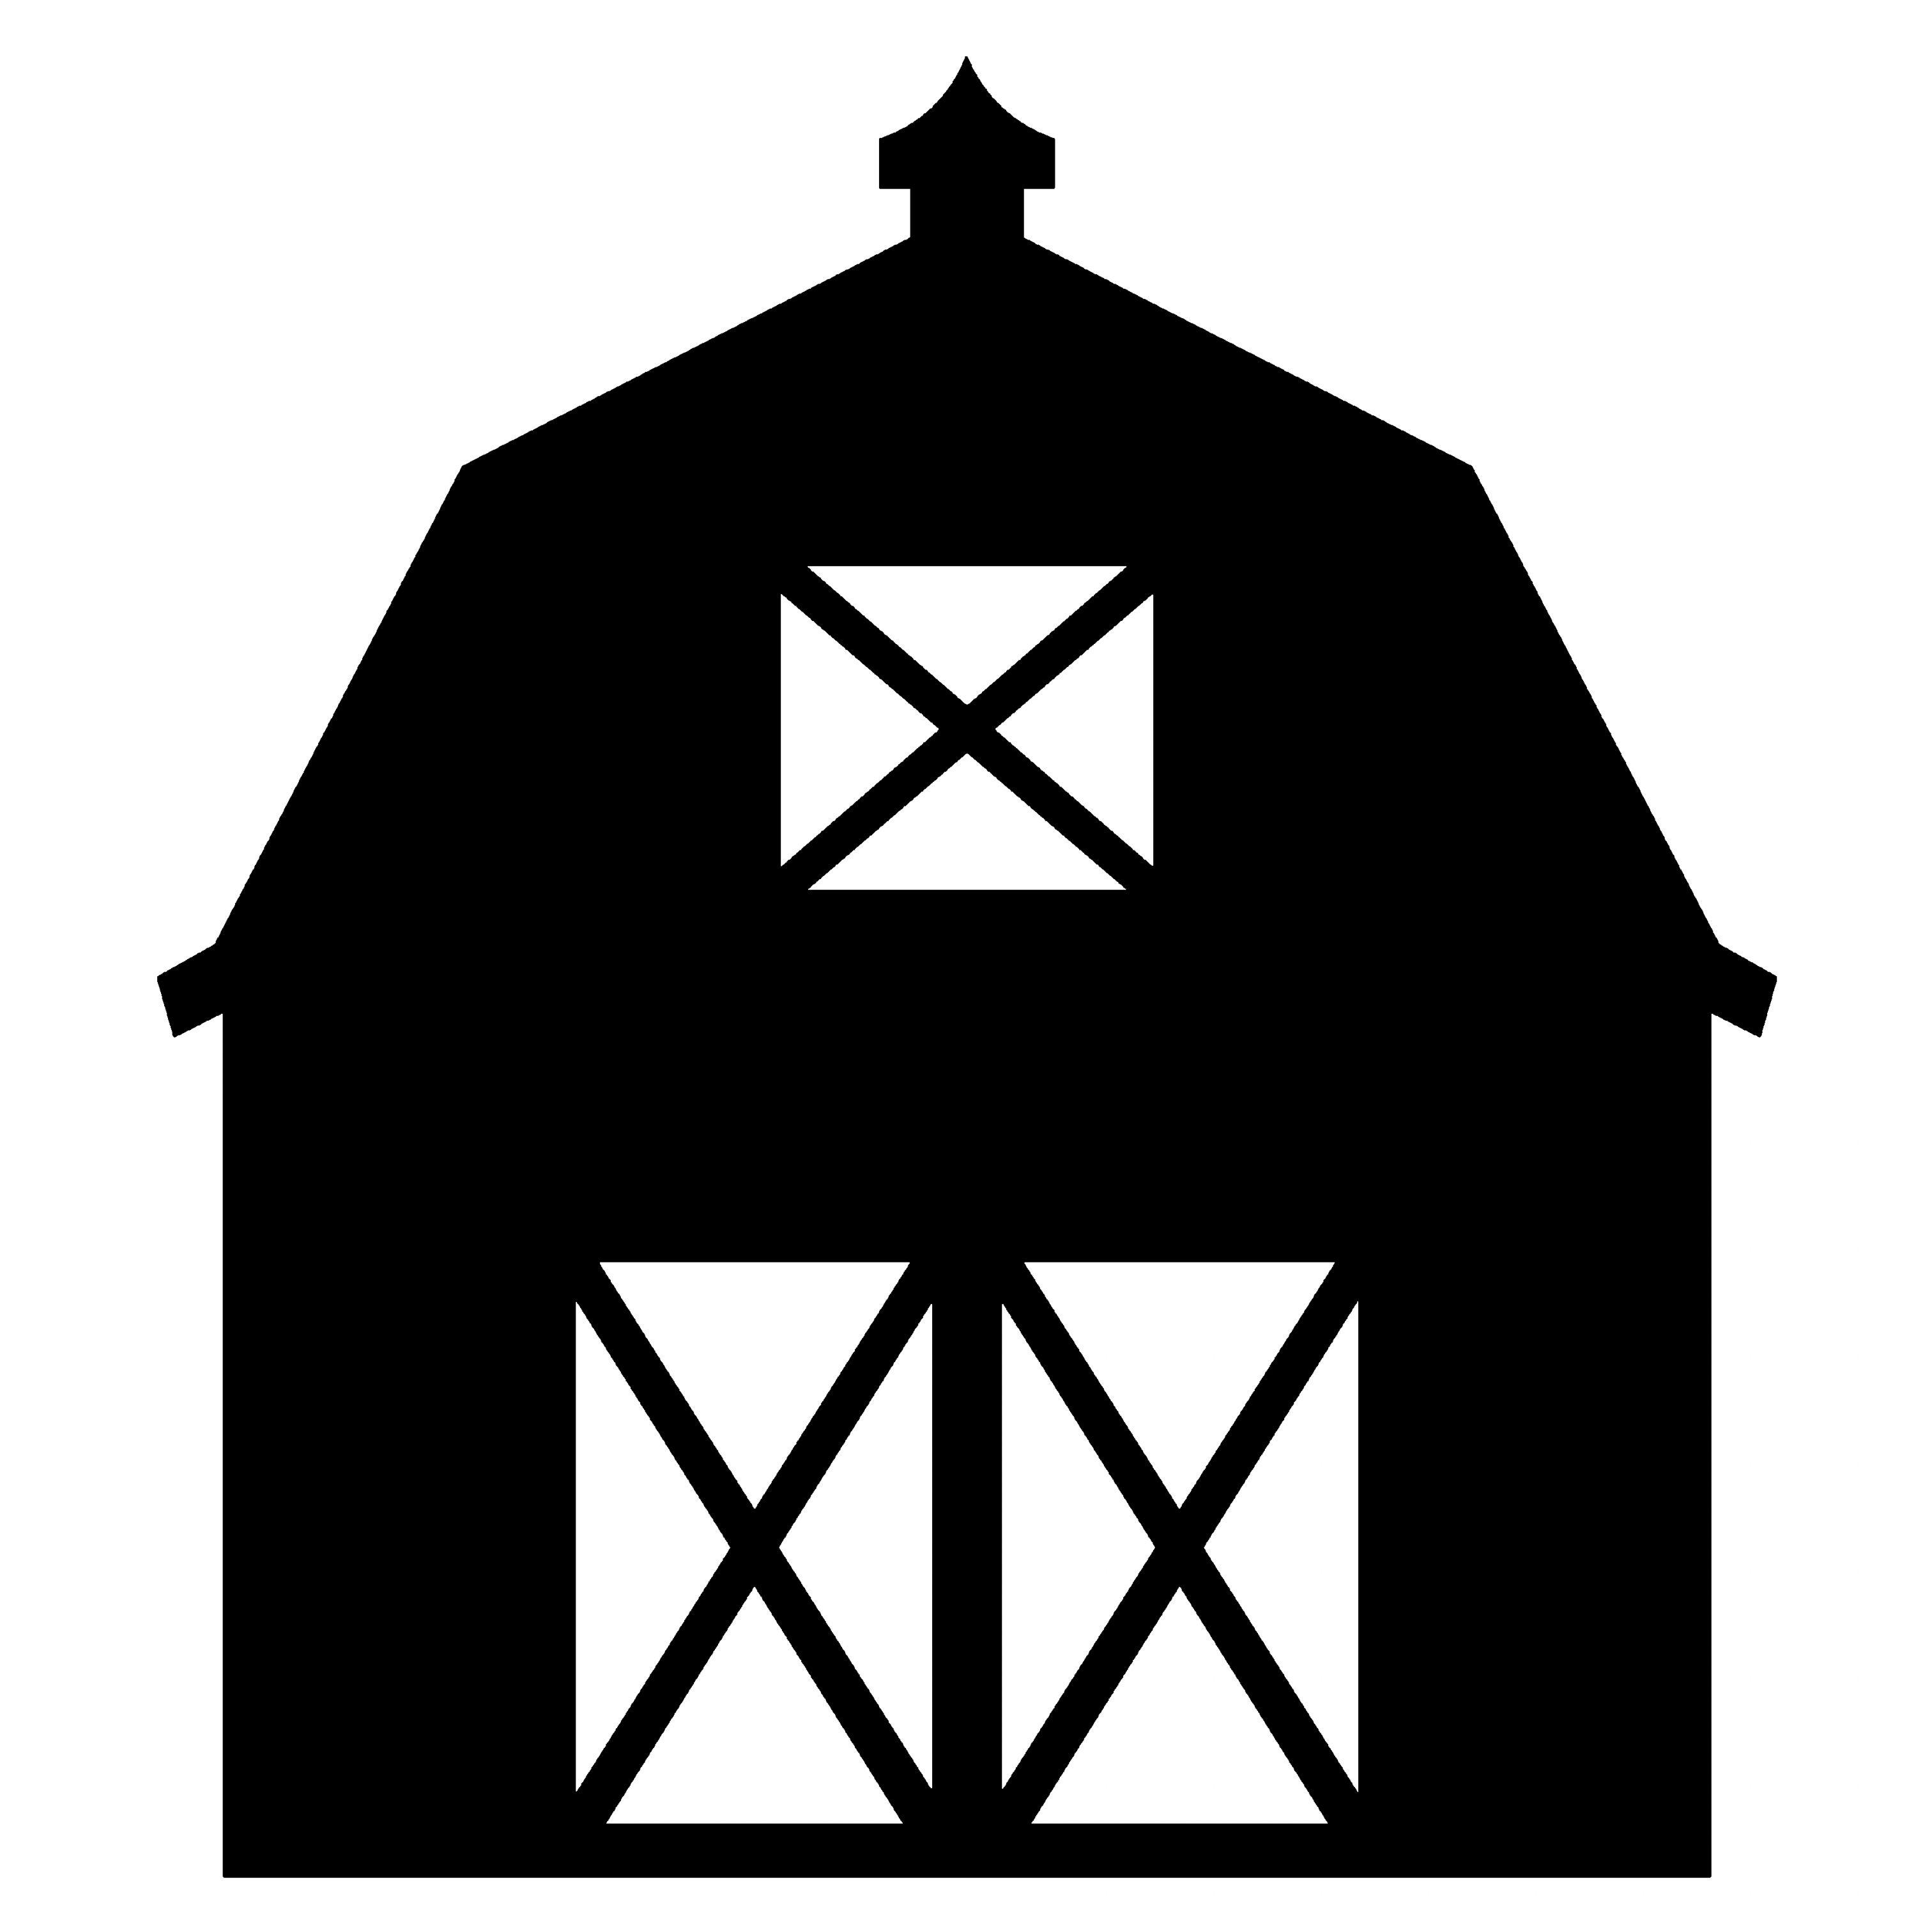 3024x3024 Barn Silhouette Clipart (Amazing Barn Silhouette Clip Art